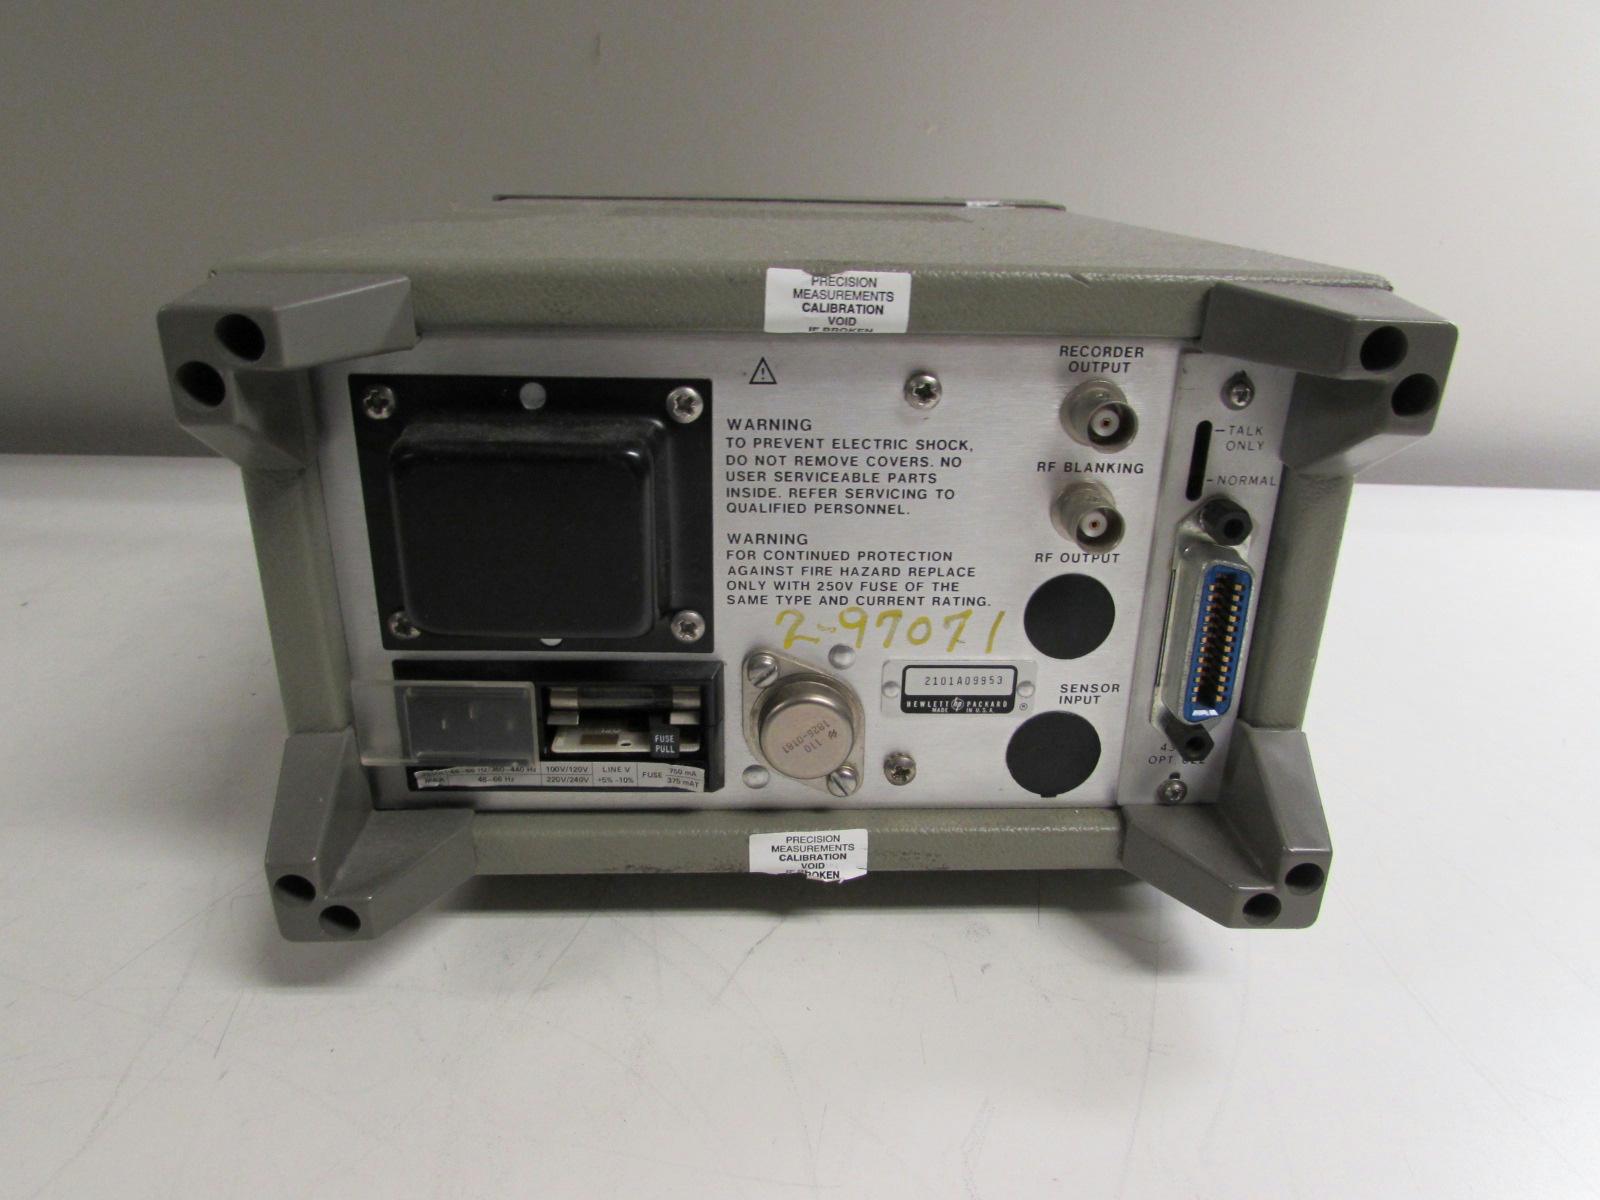 Digital Rf Power Meters : Agilent keysight a digital rf power meter ebay